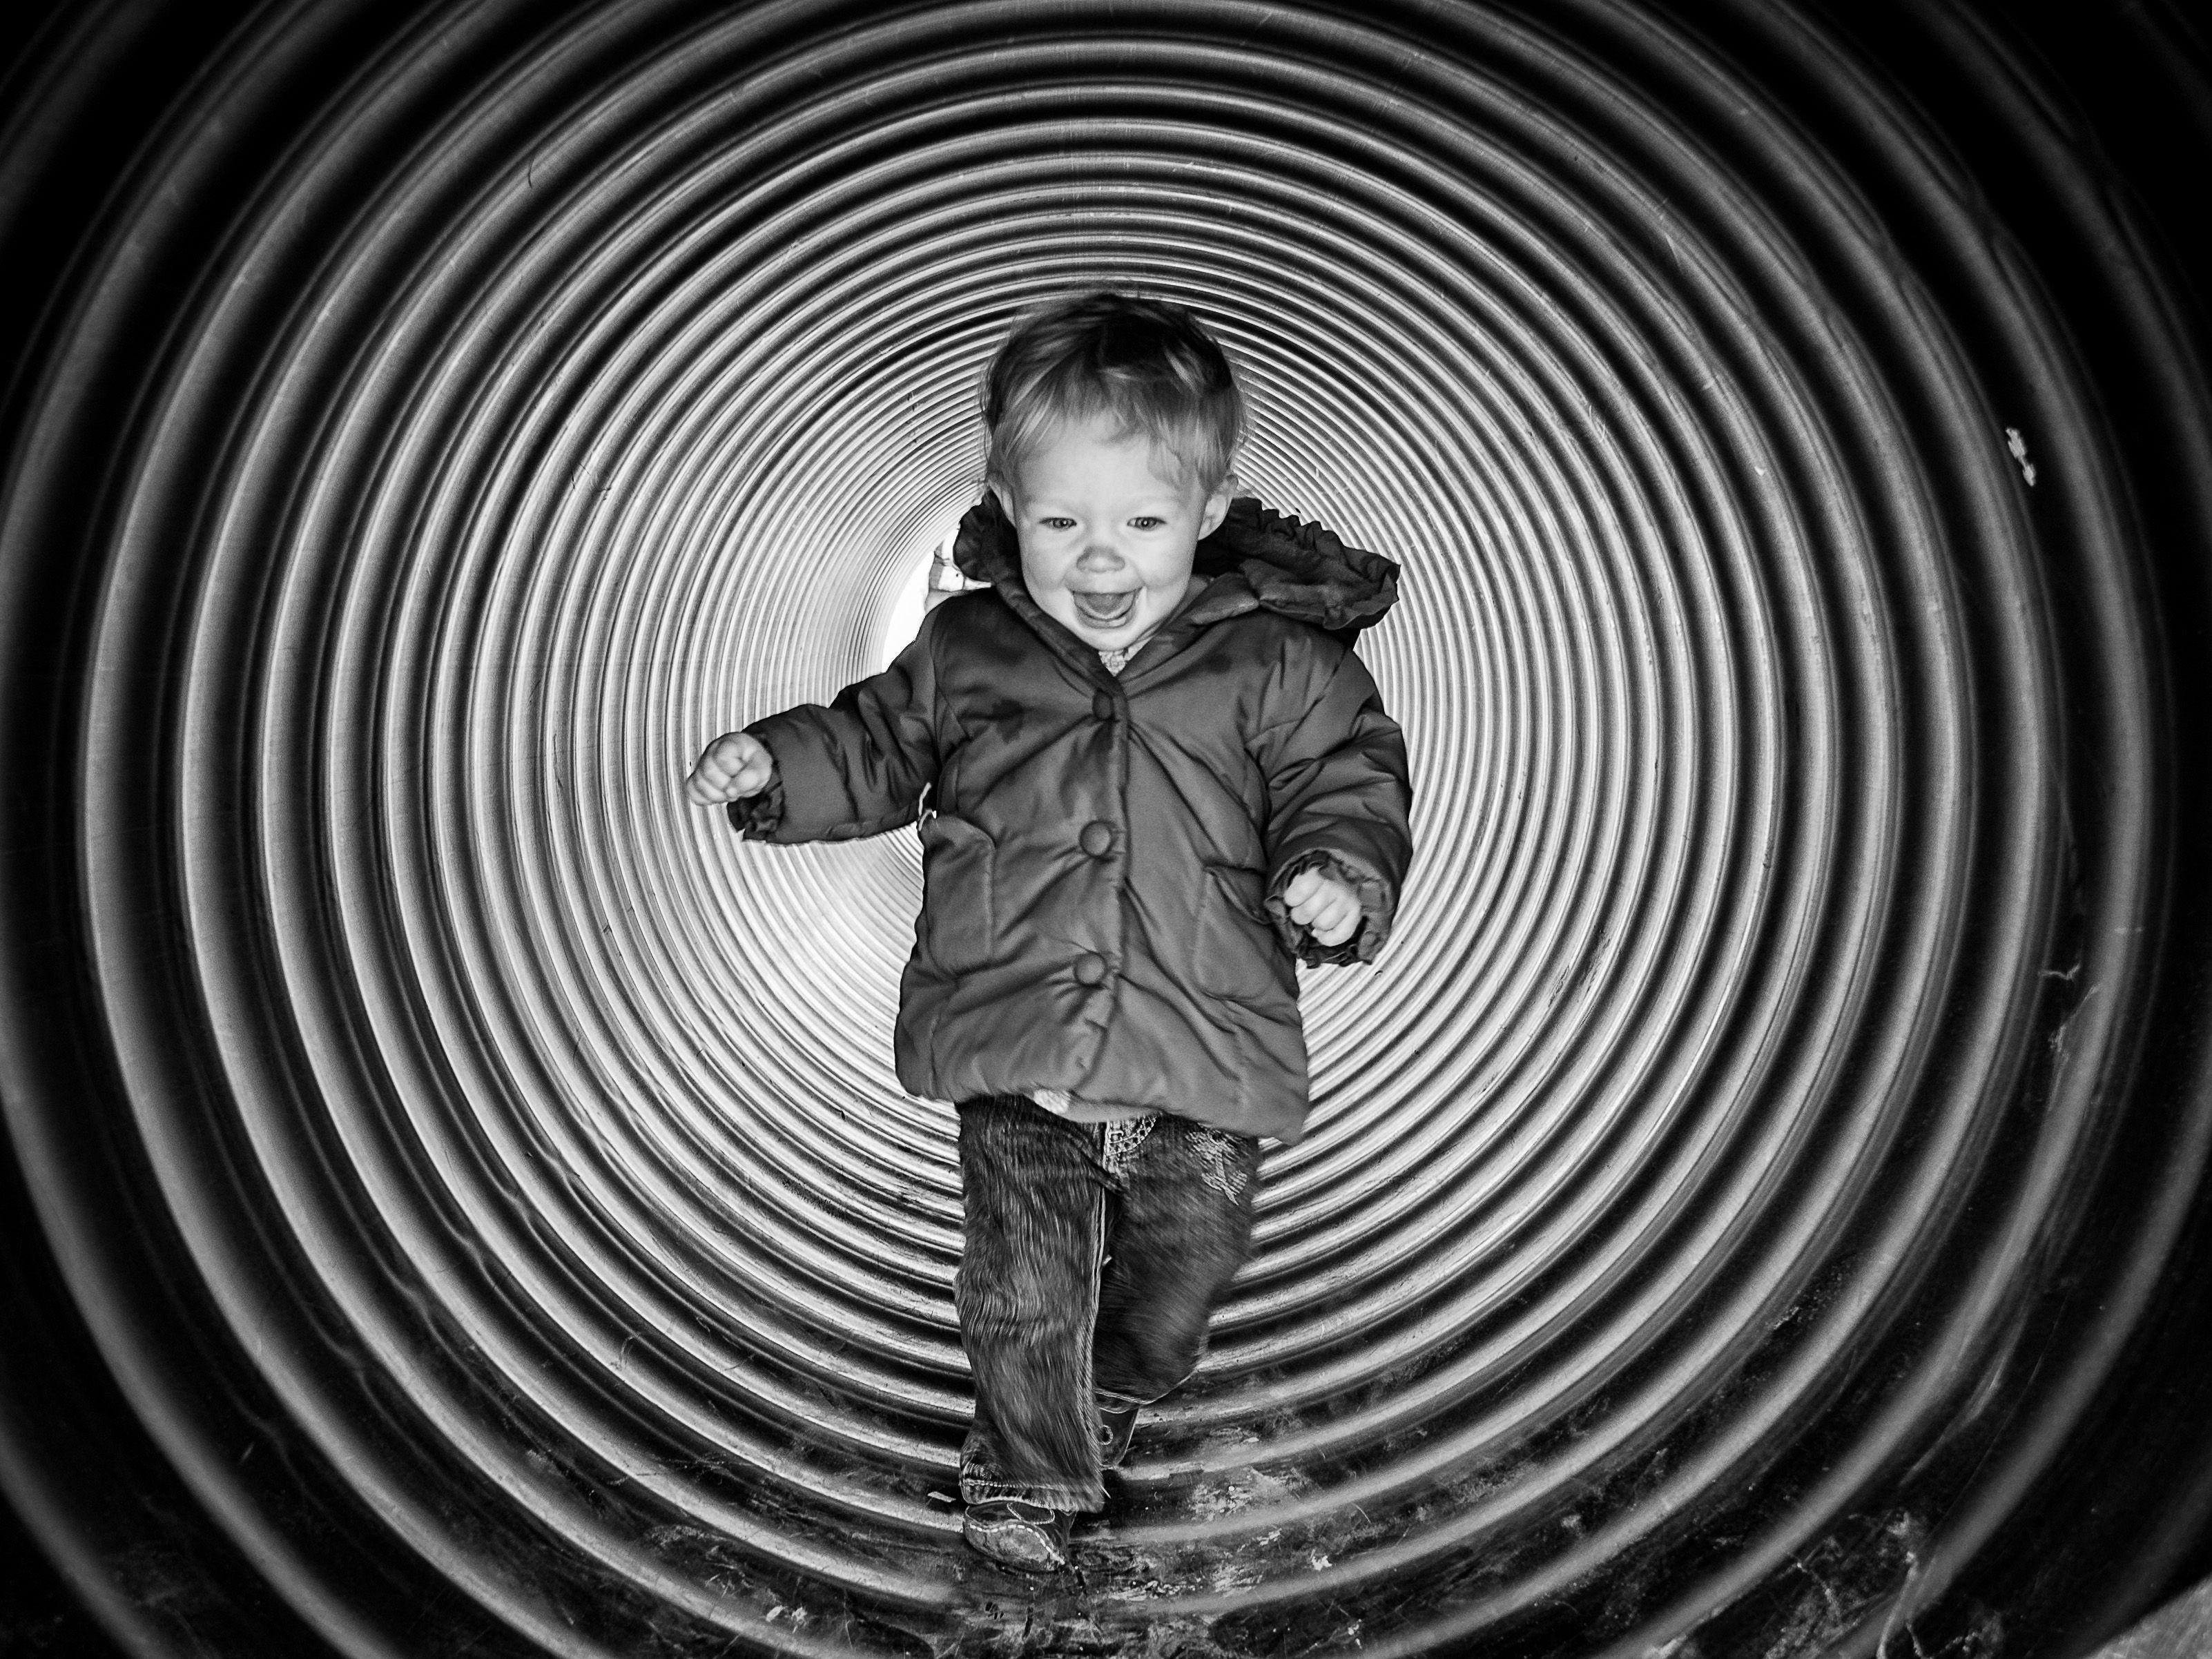 culvert playground - Google Search